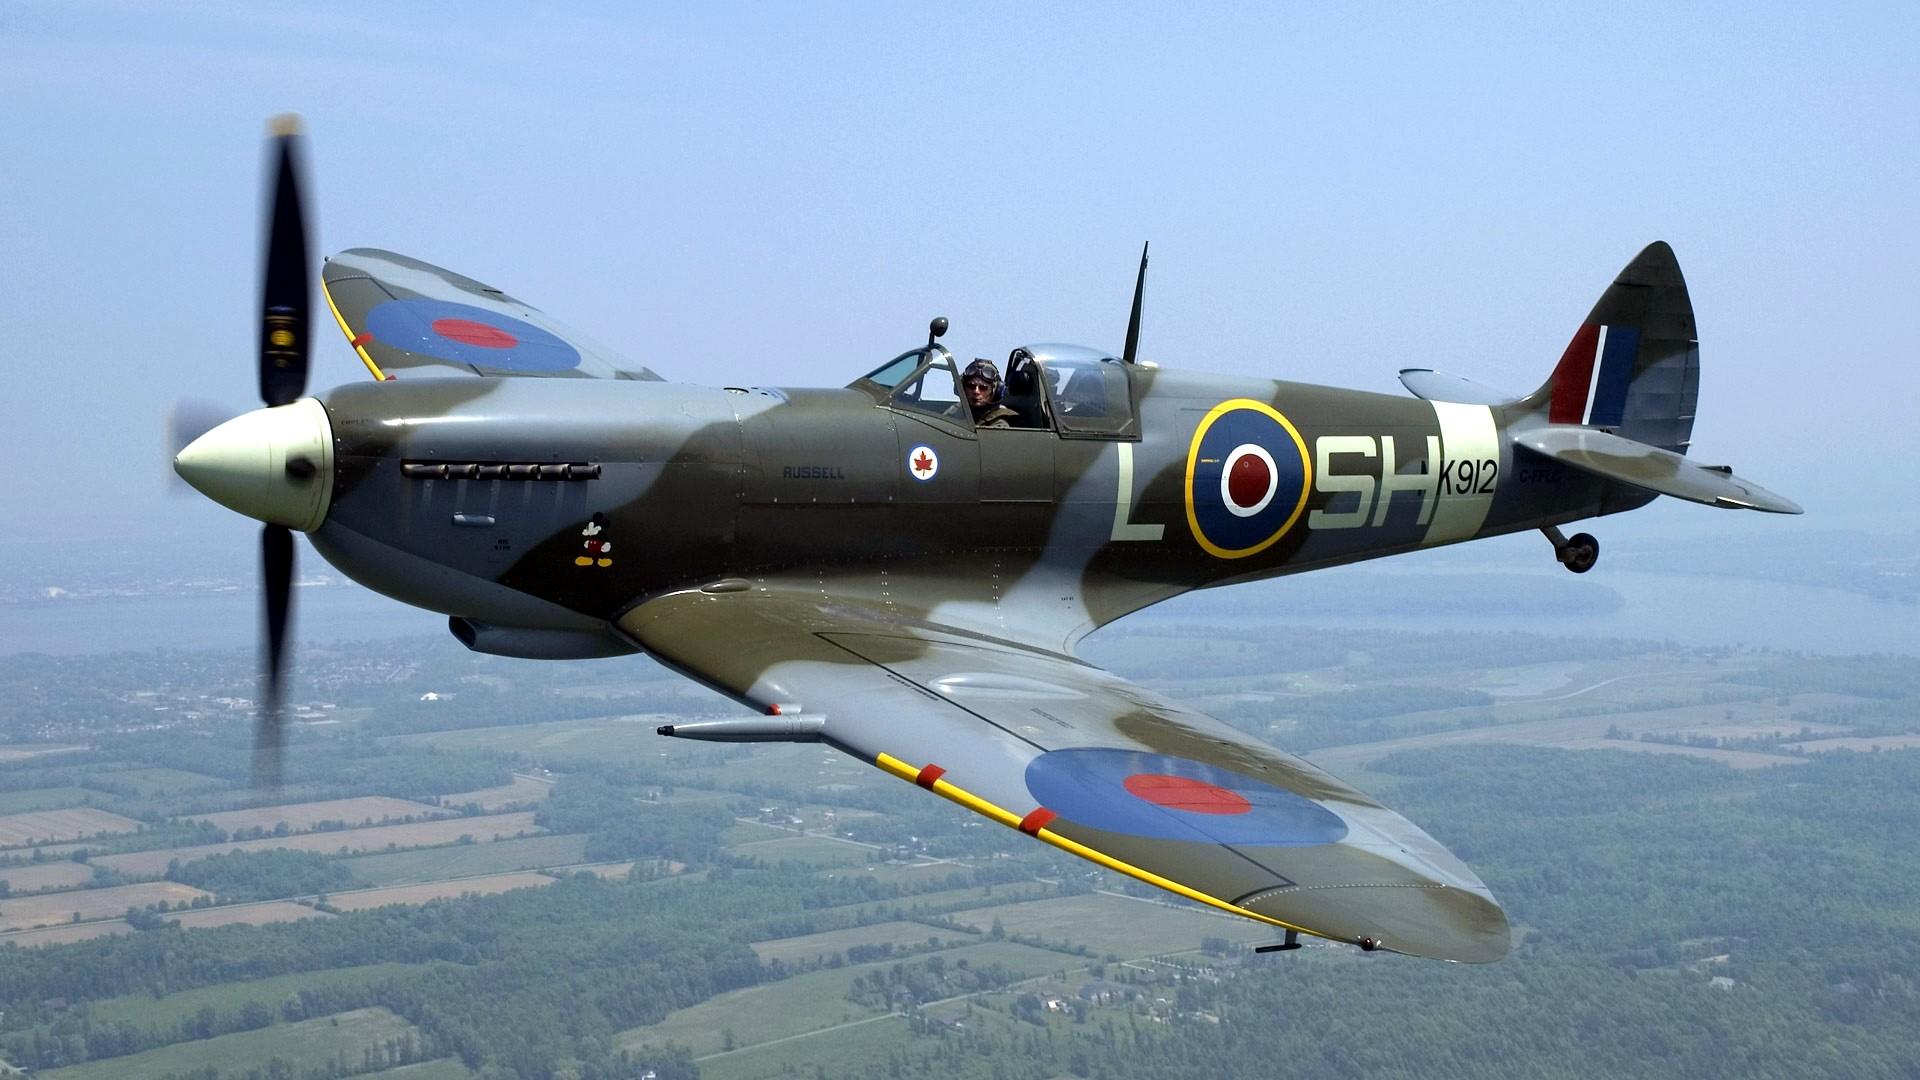 Airplanes Warbird Supermarine Spitfire Spitfire wallpaper 1920x1080 1920x1080